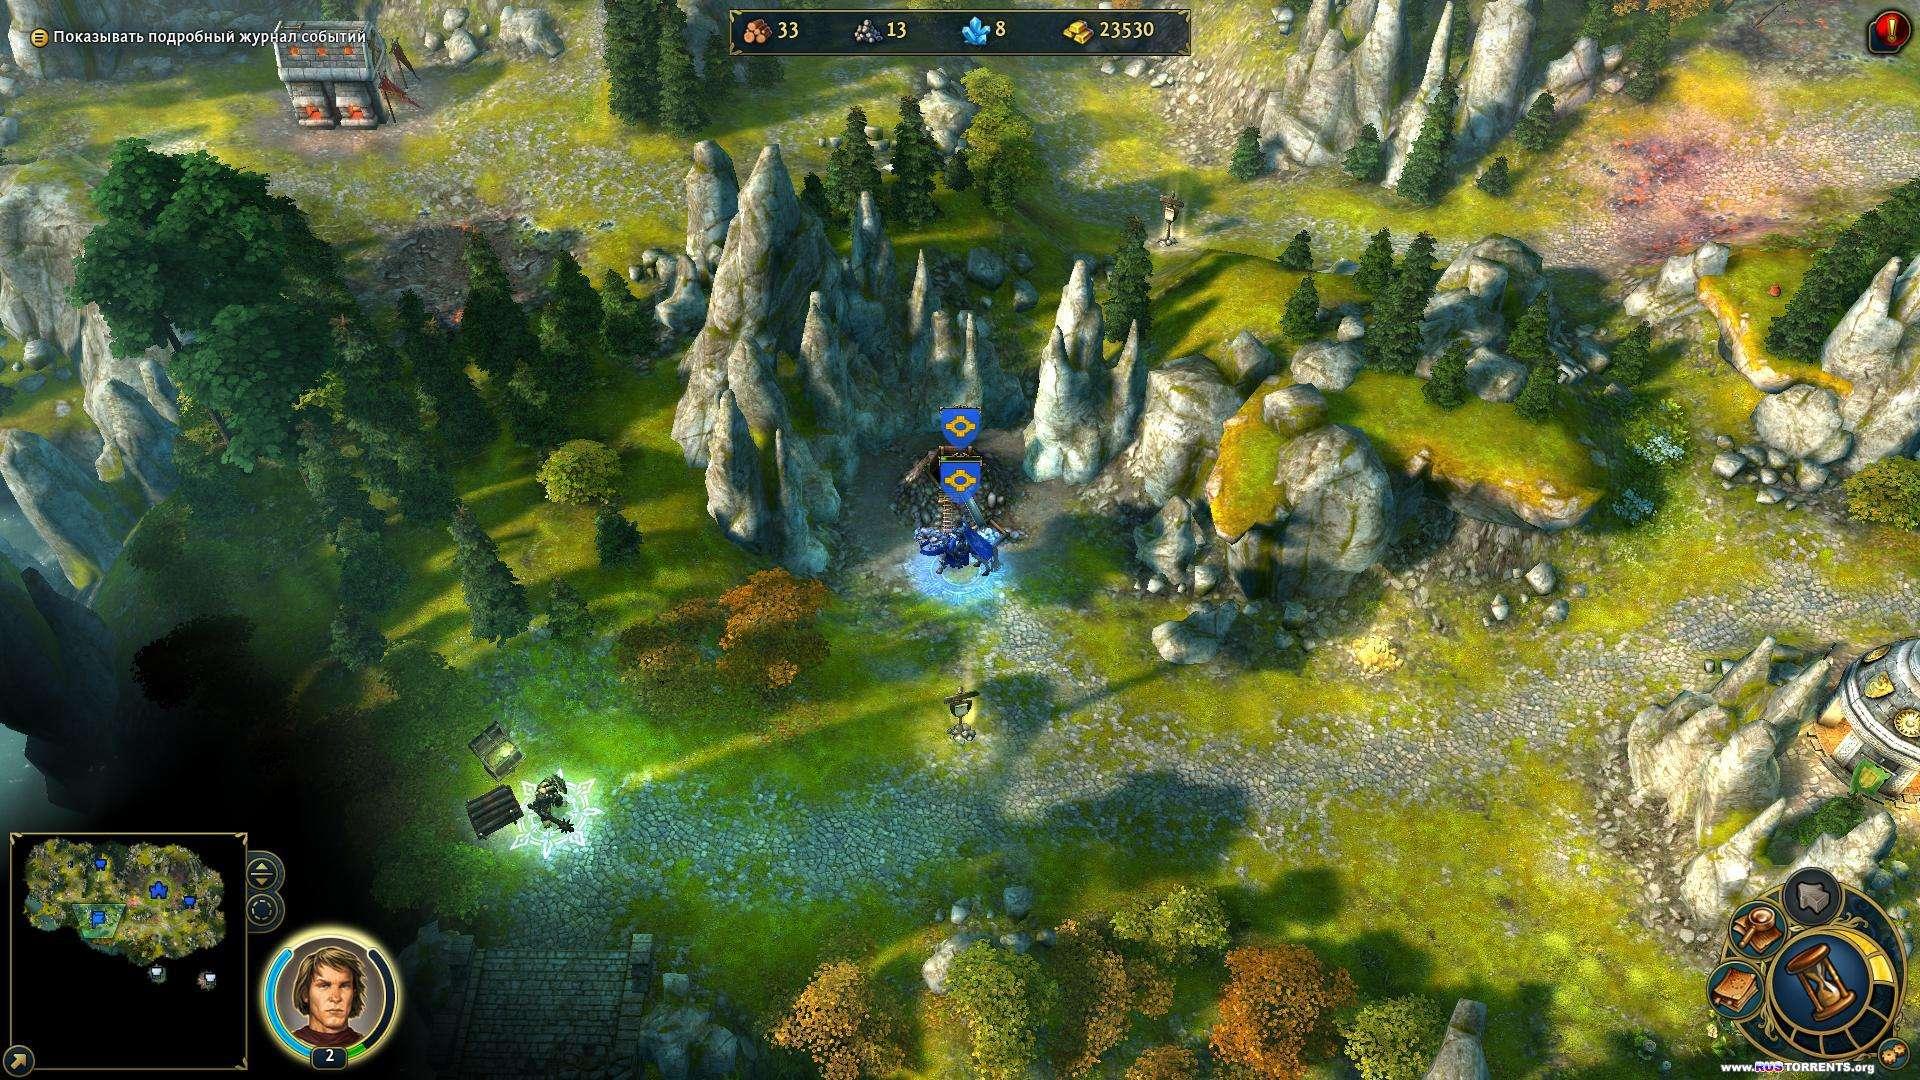 Герои Меча и Магии 6. Золотое издание [v 2.1.0 + 3 DLC] | RePack от R.G. Catalyst